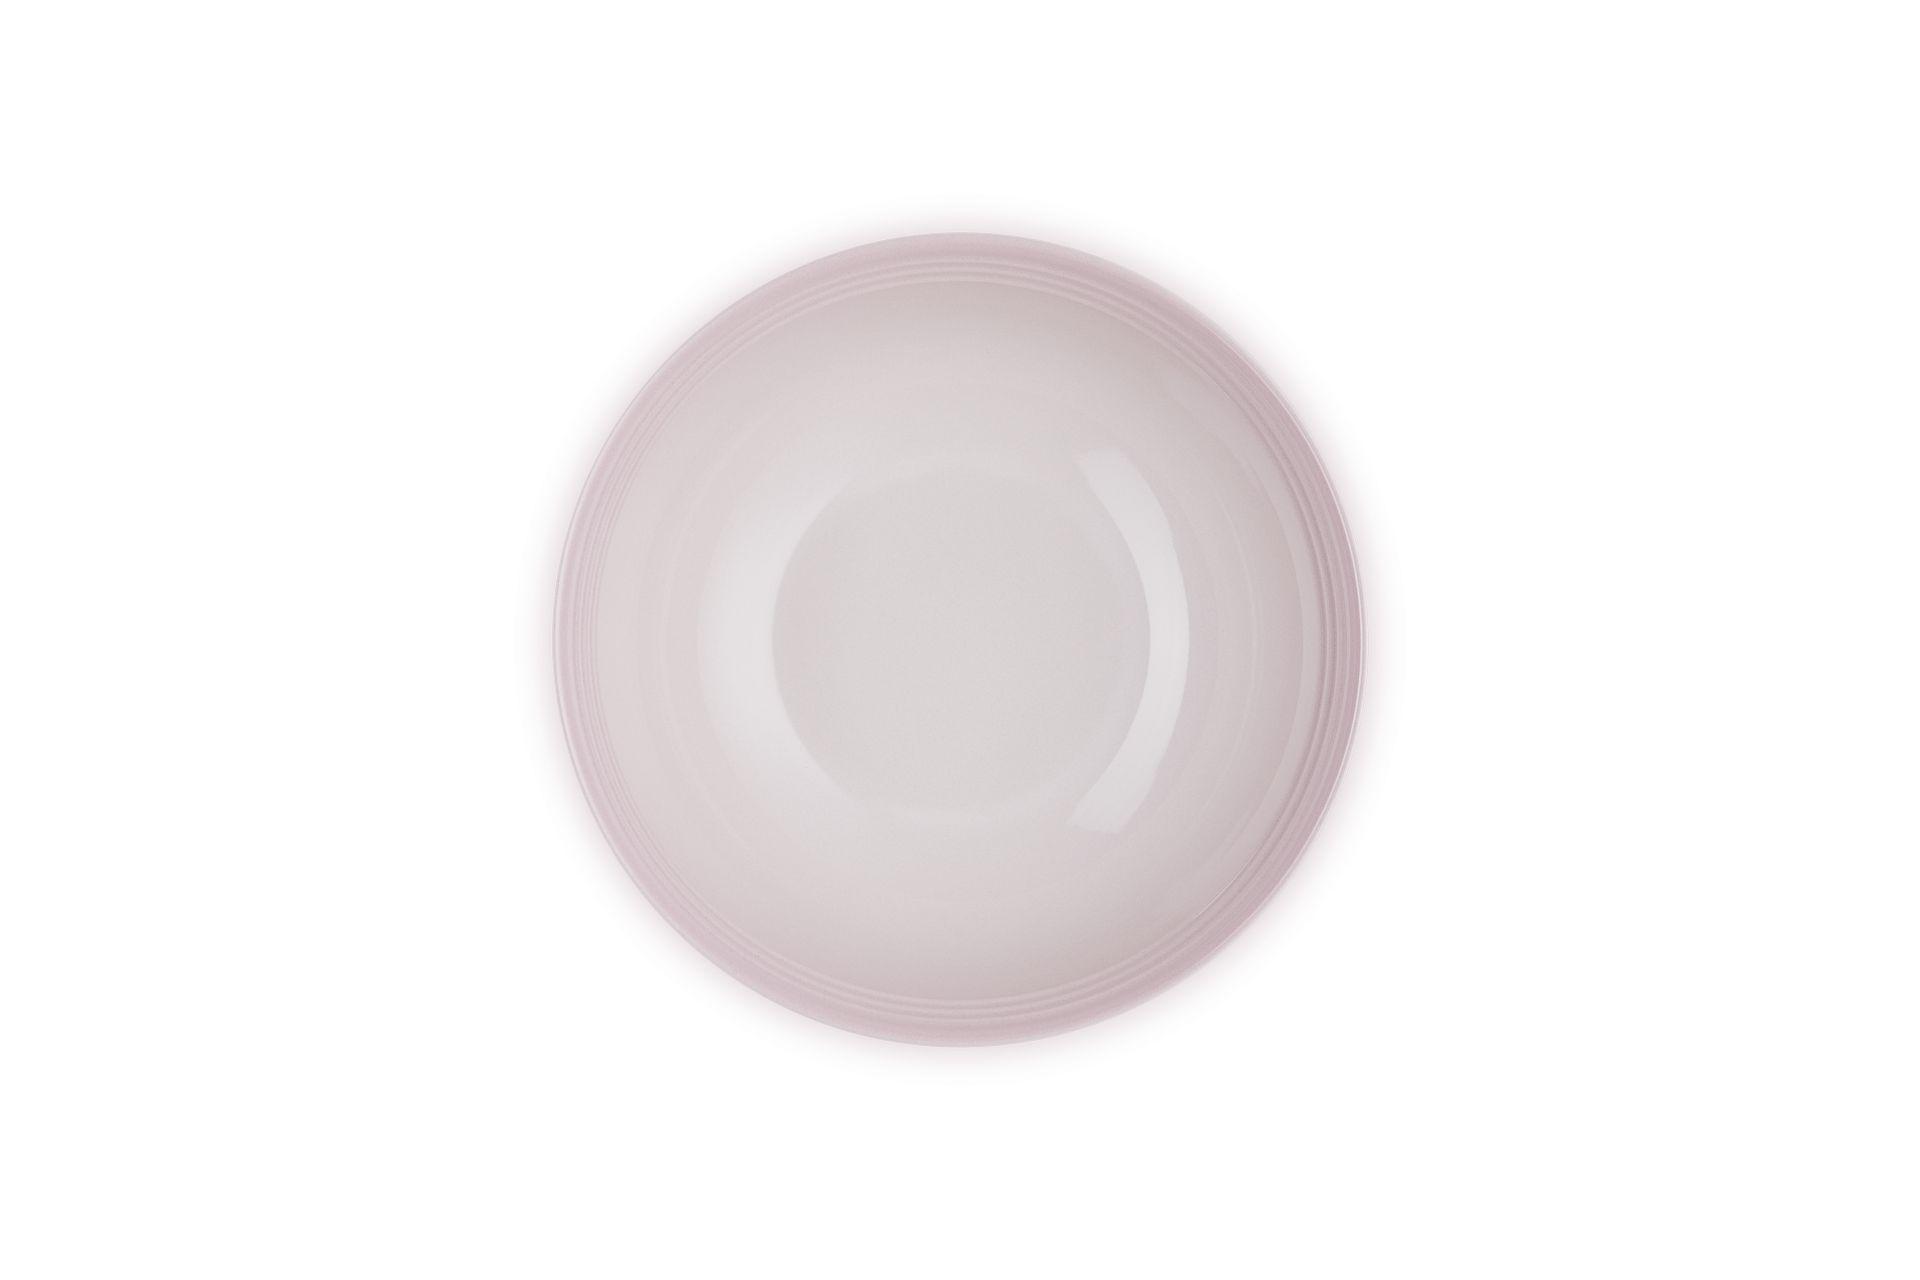 Le Creuset Salatschüssel 24 cm Shell Pink